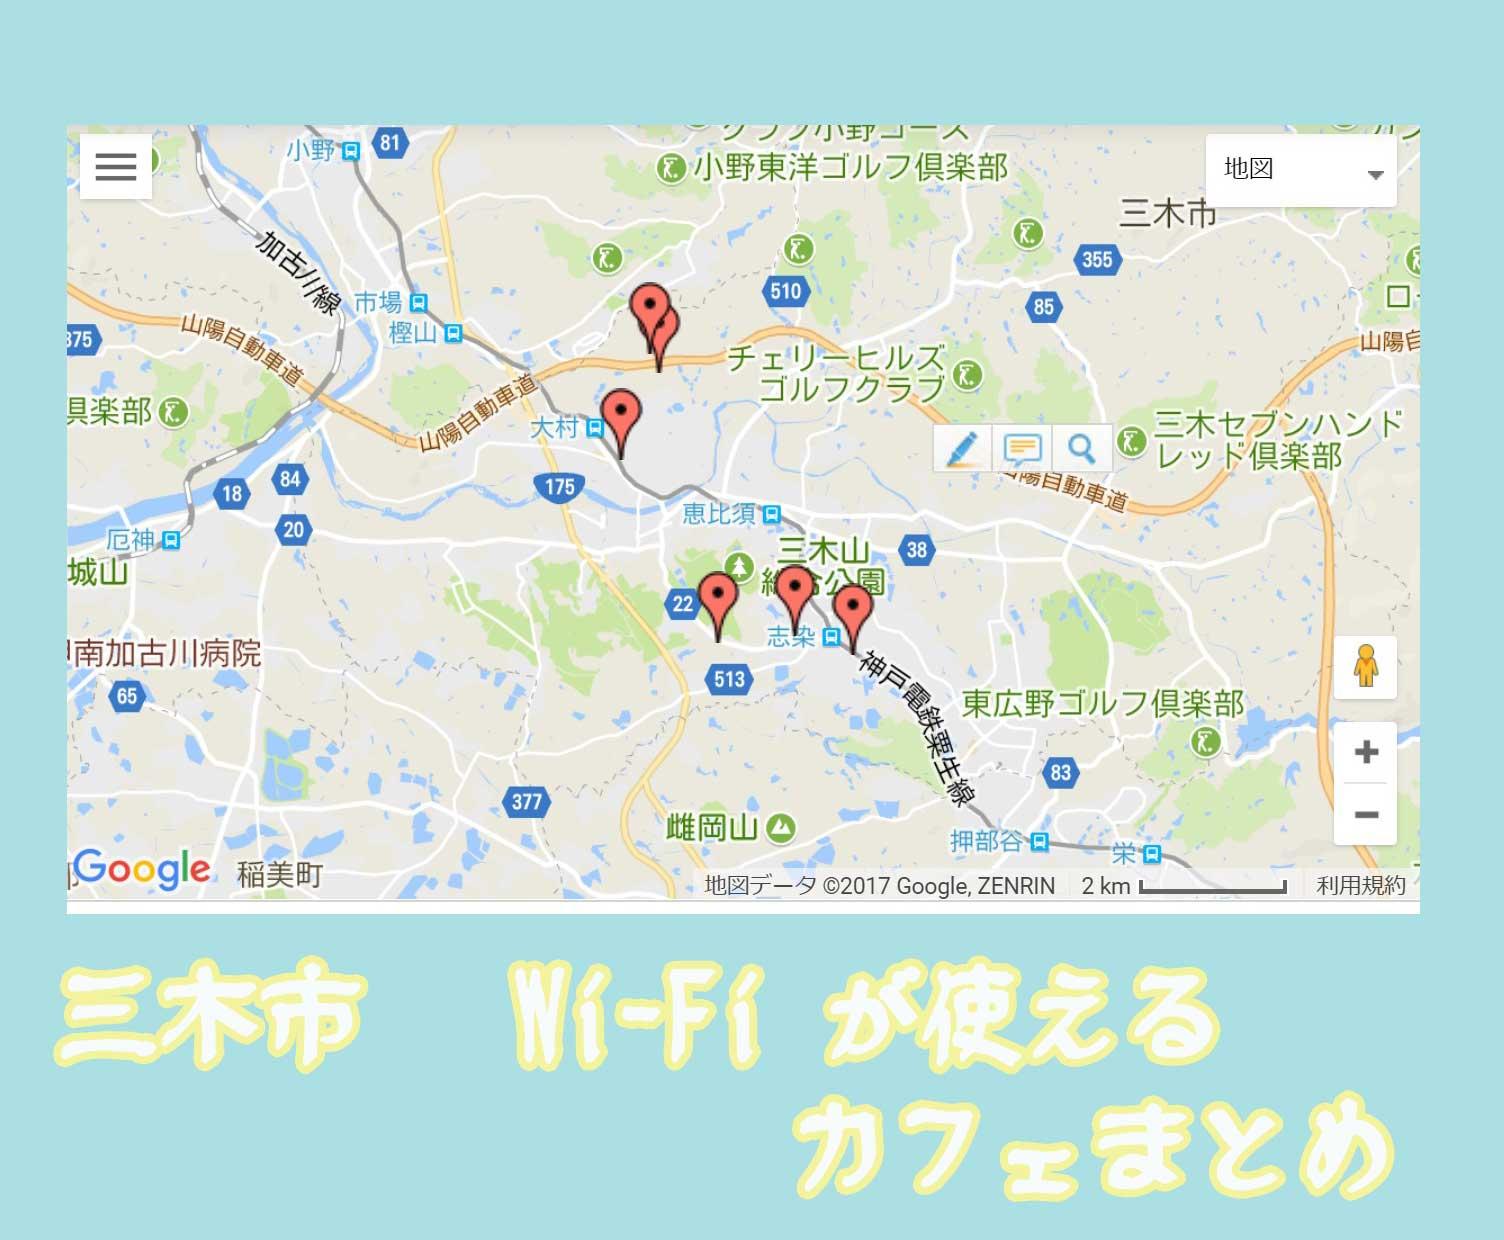 [-三木市-]-Wi-Fi-が使えるカフェまとめ